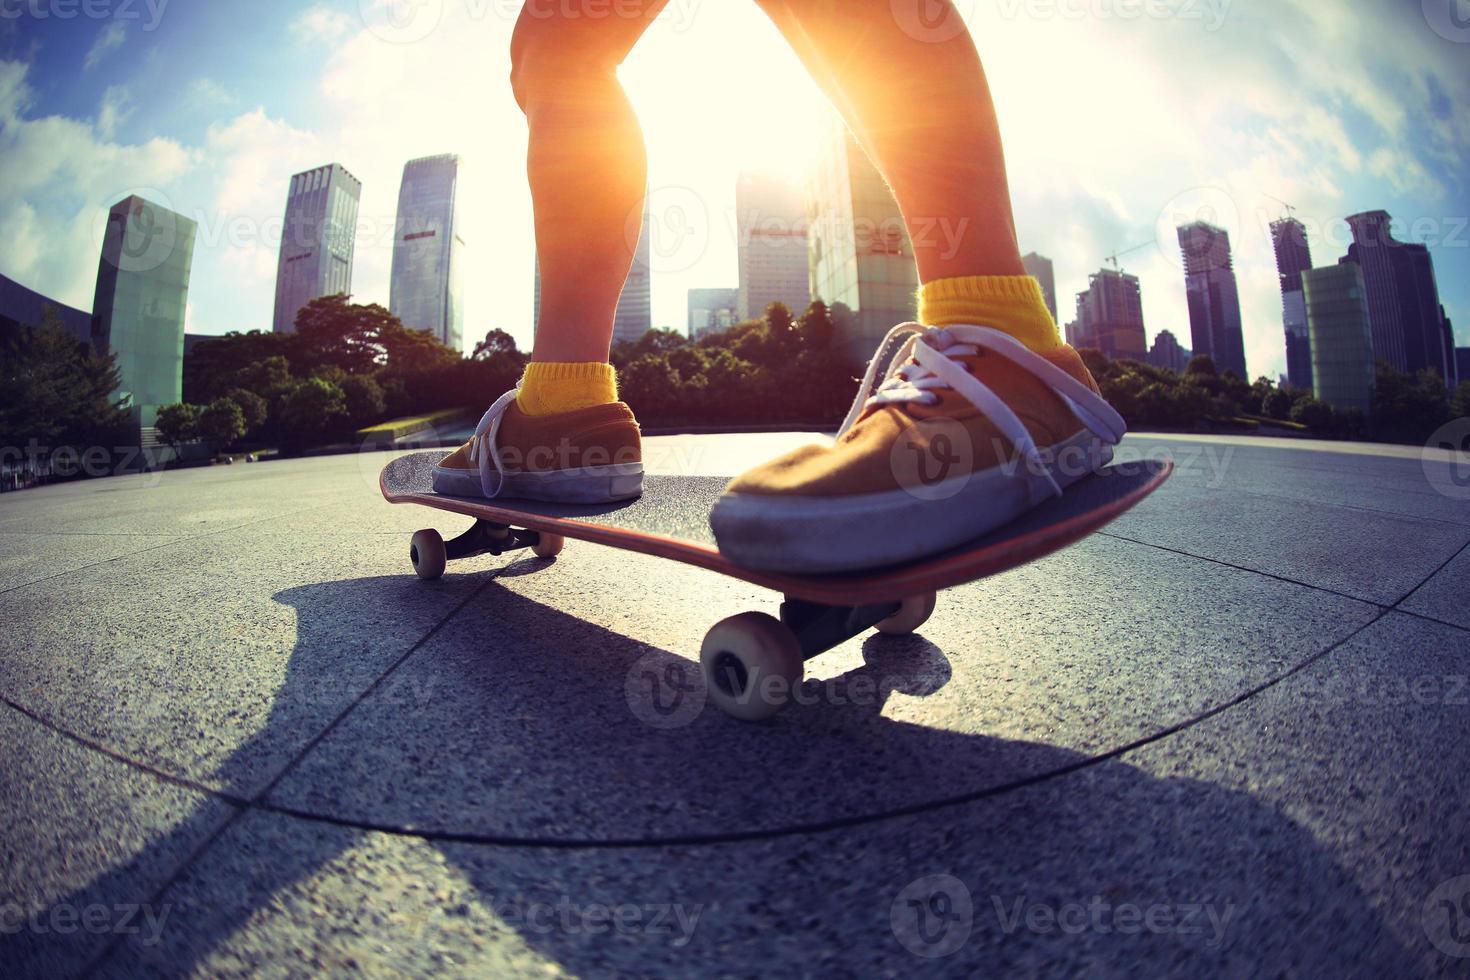 Skateboarder Skateboarding bei Sonnenaufgang Stadt foto